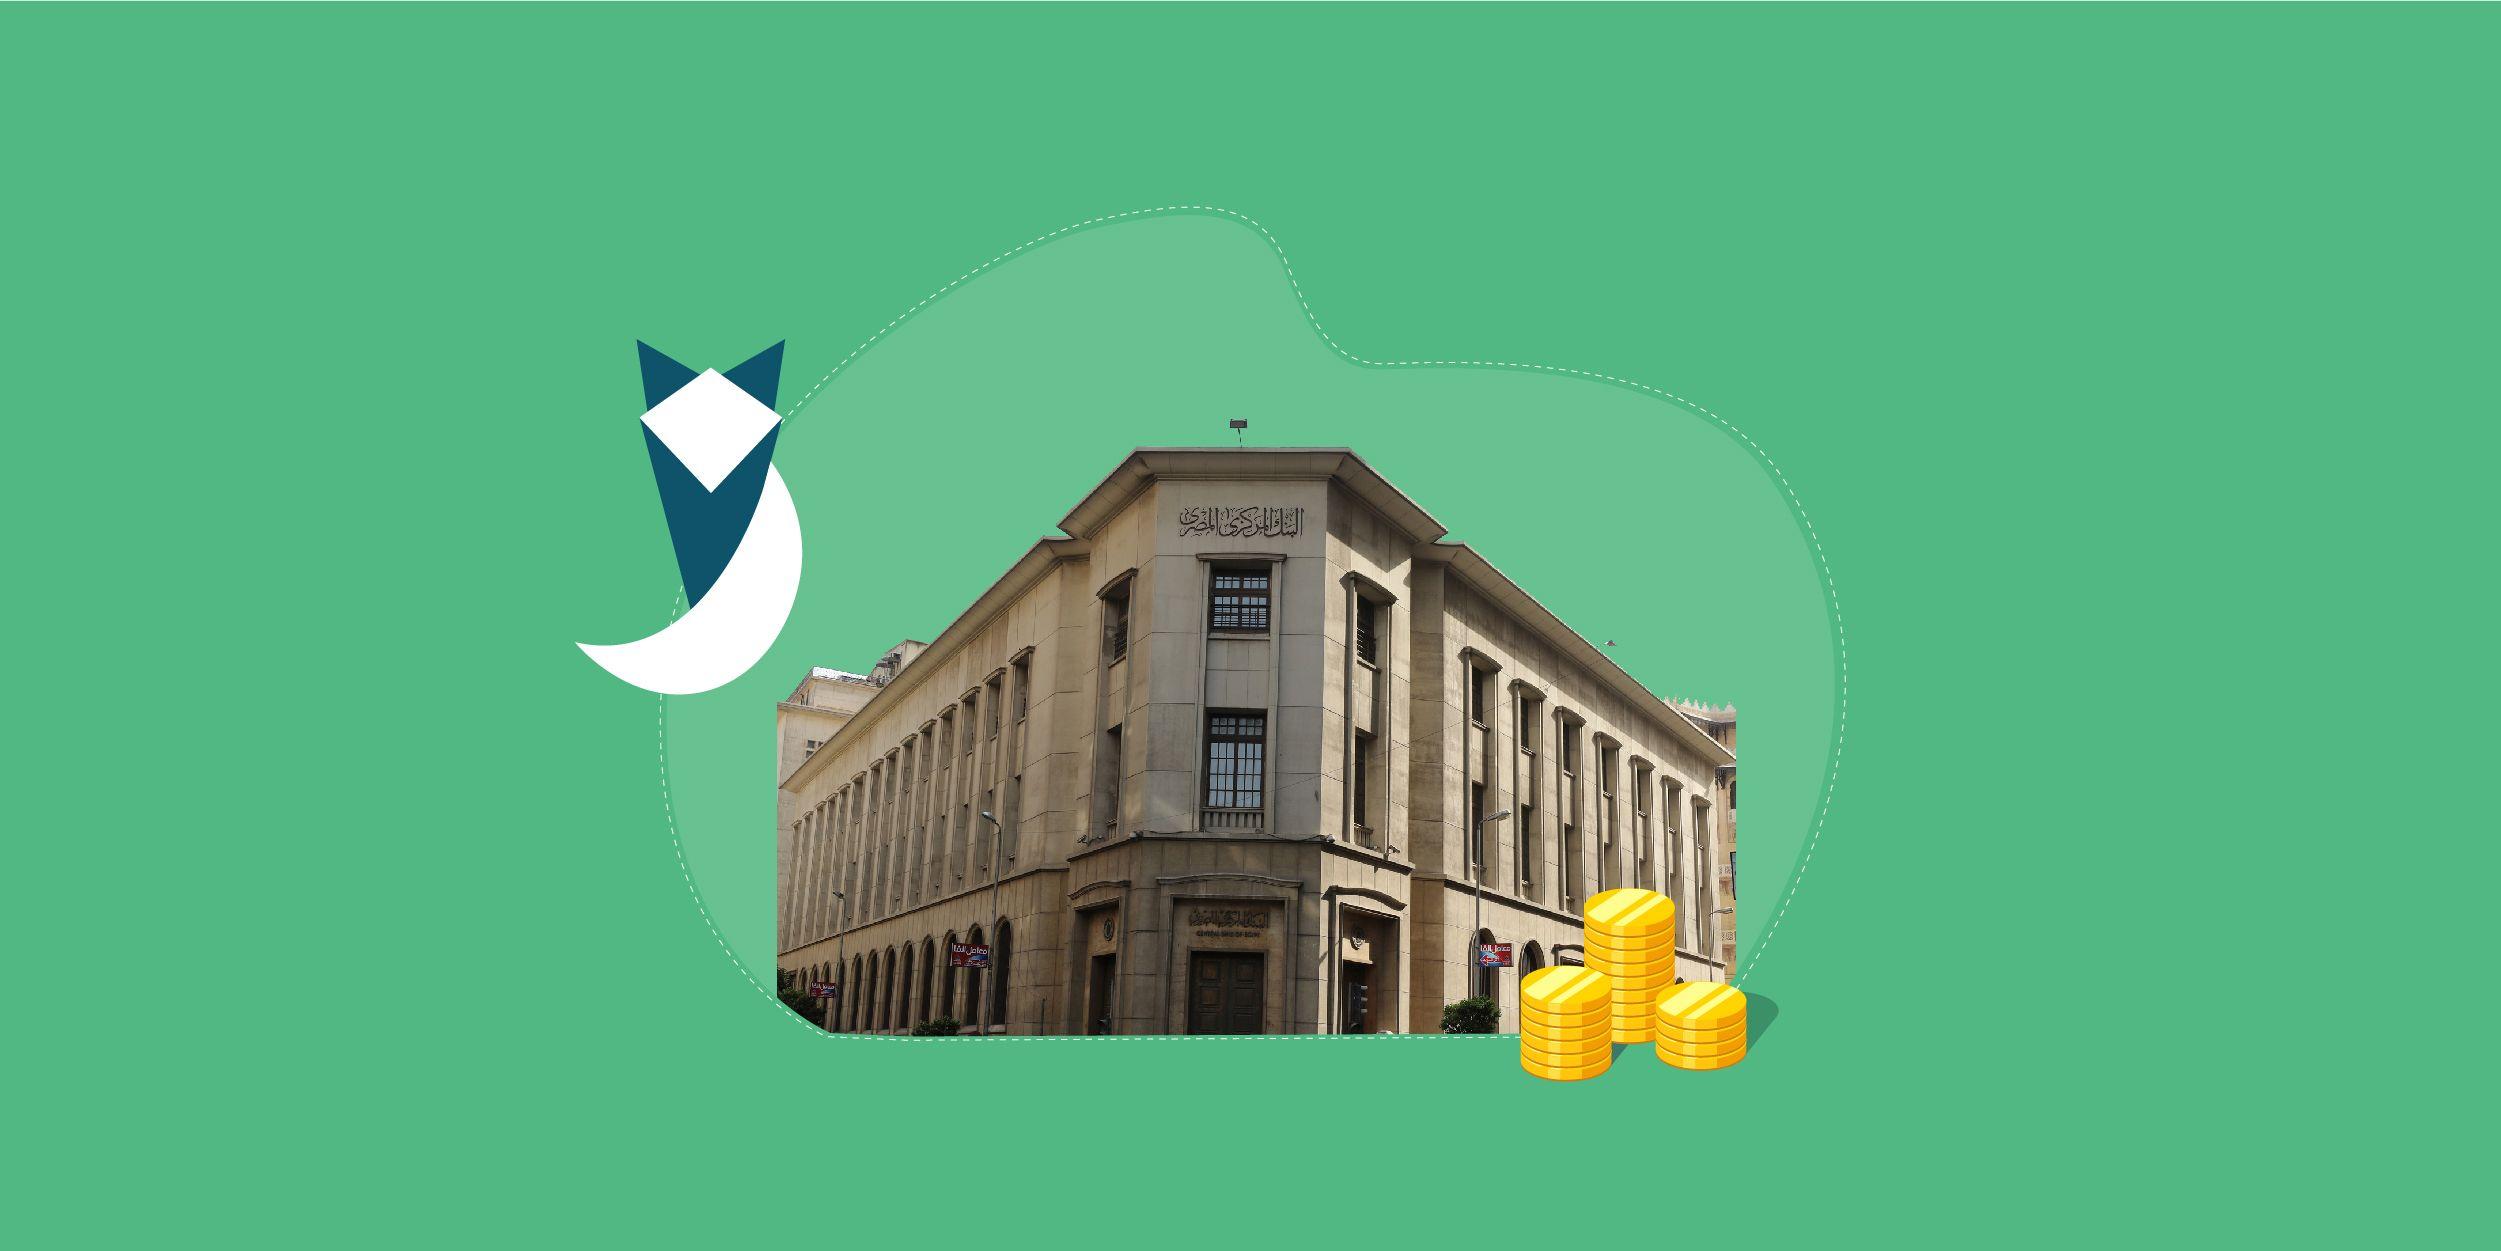 البنك المركزي يمنع خصم المصاريف على الحسابات الراكدة.